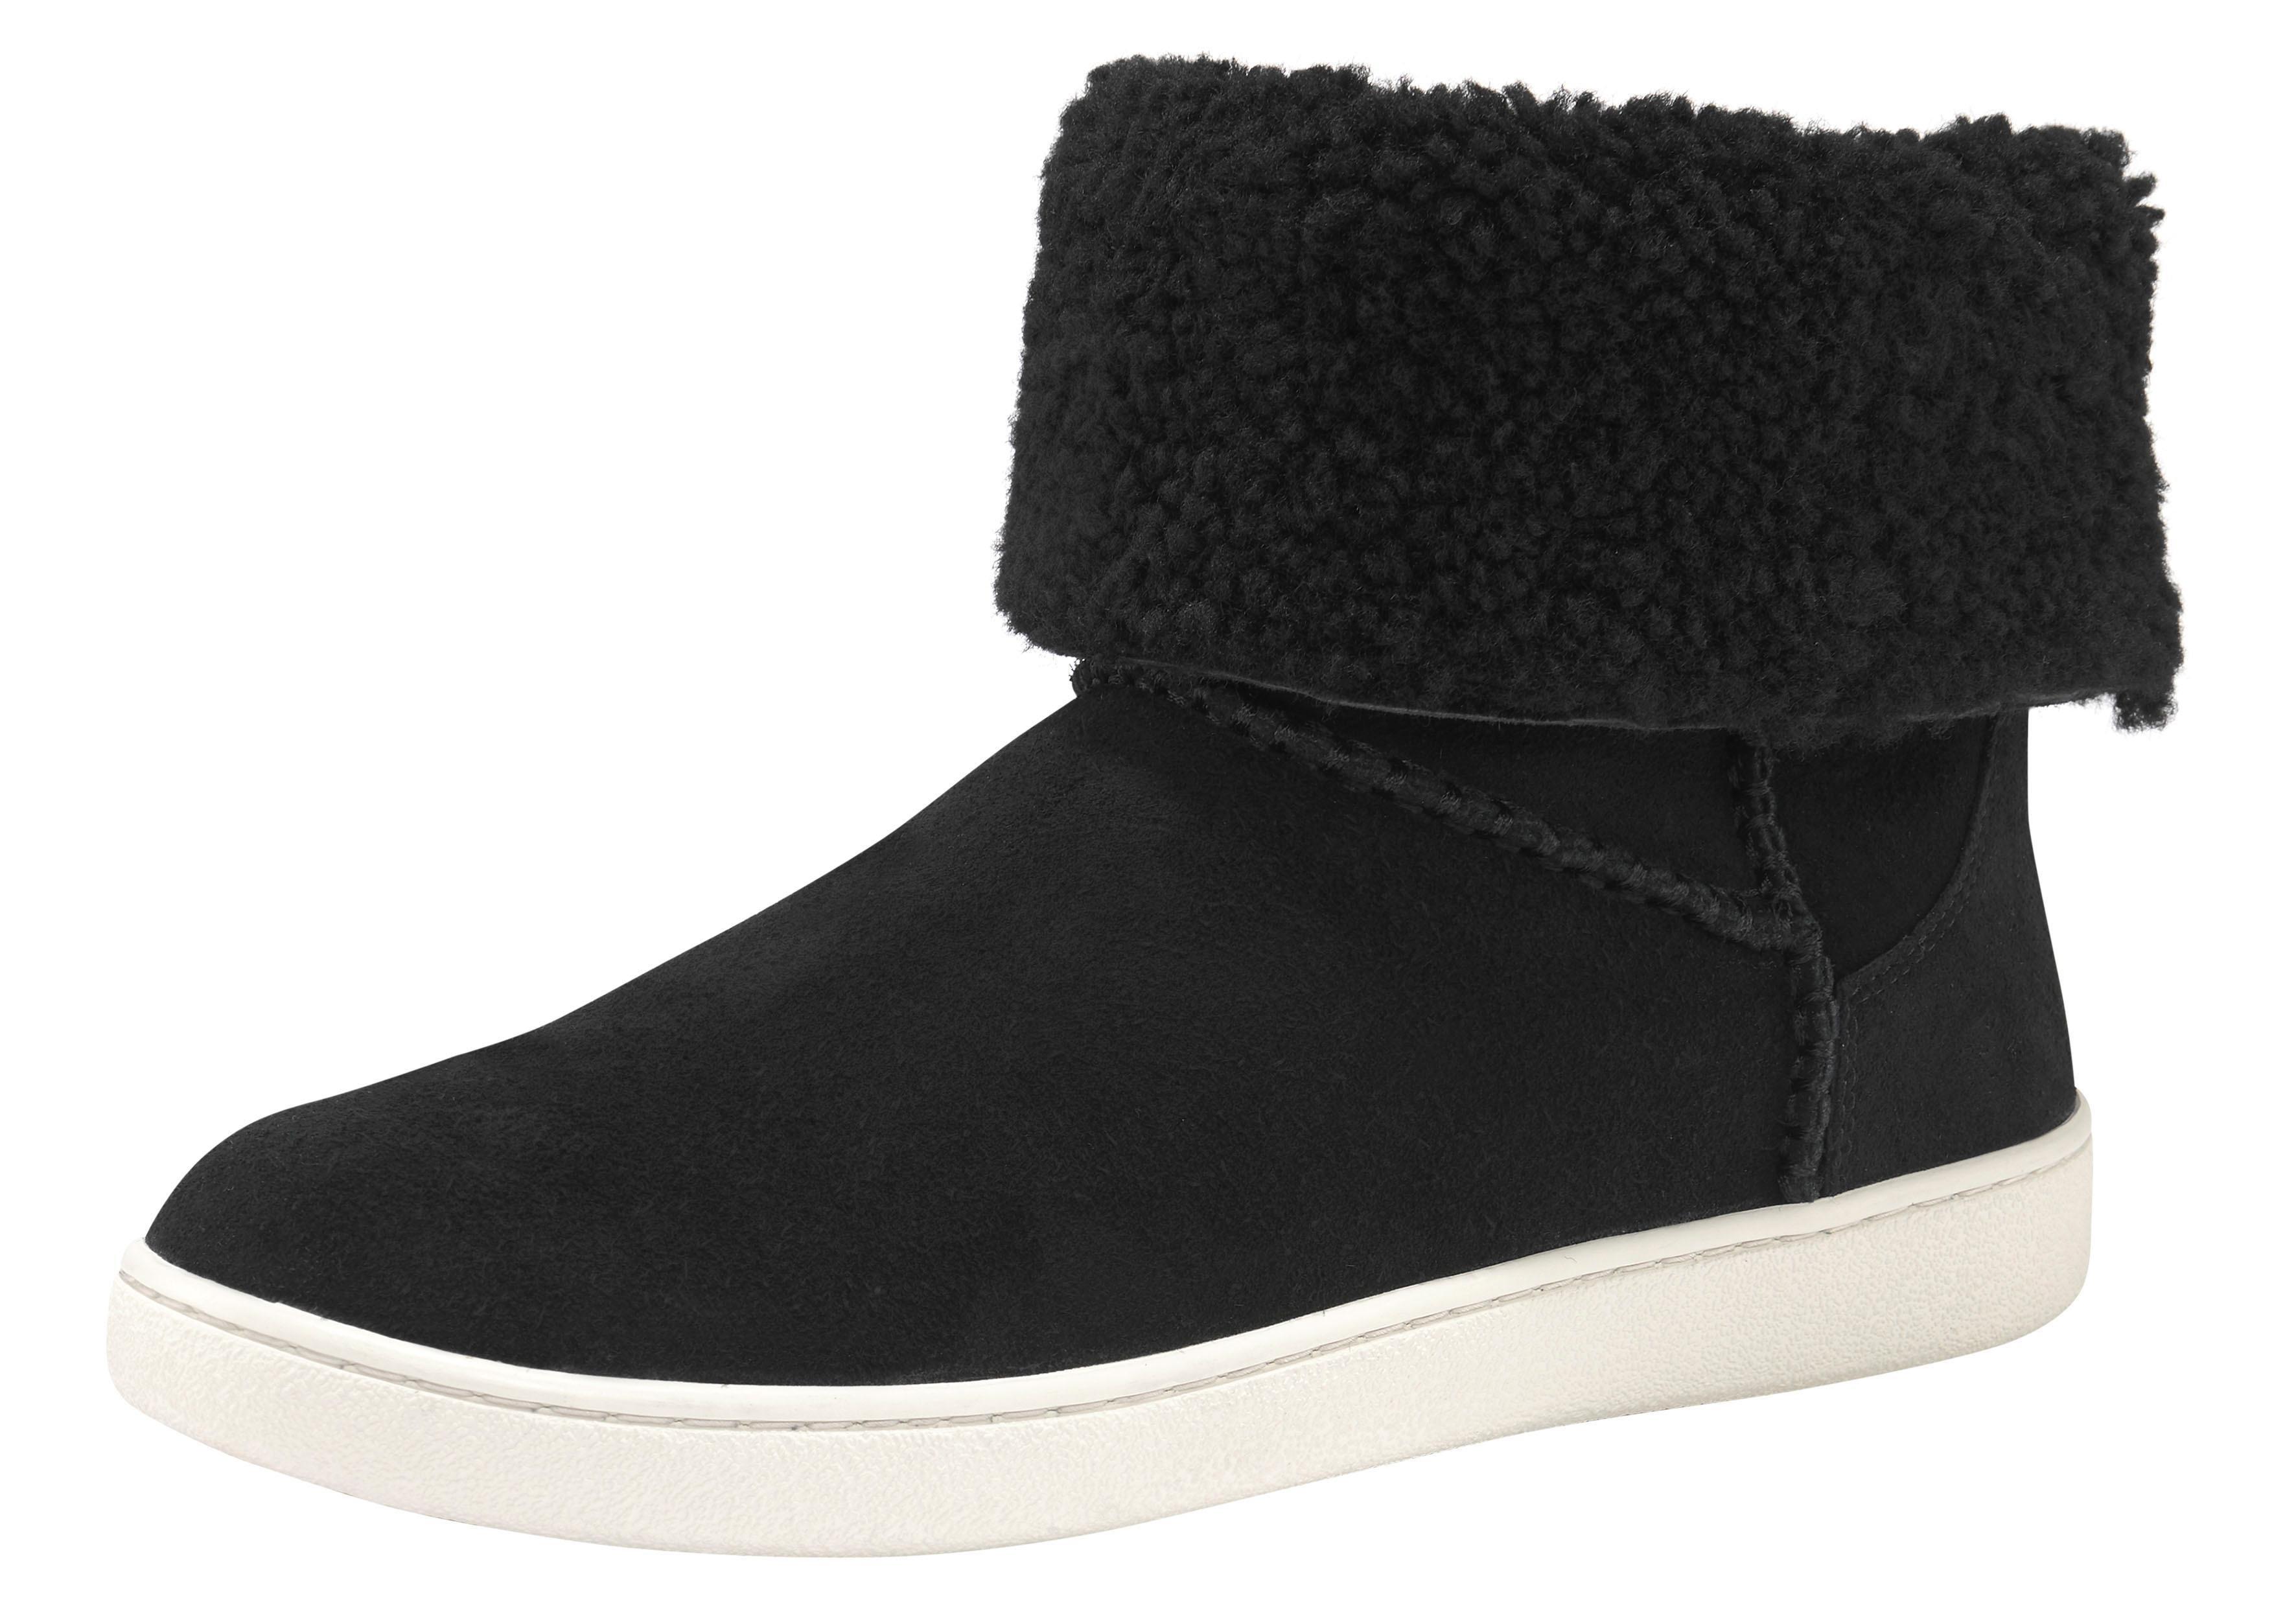 Ugg laarzen zonder sluiting »Mika Classic Sneaker« goedkoop op otto.nl kopen